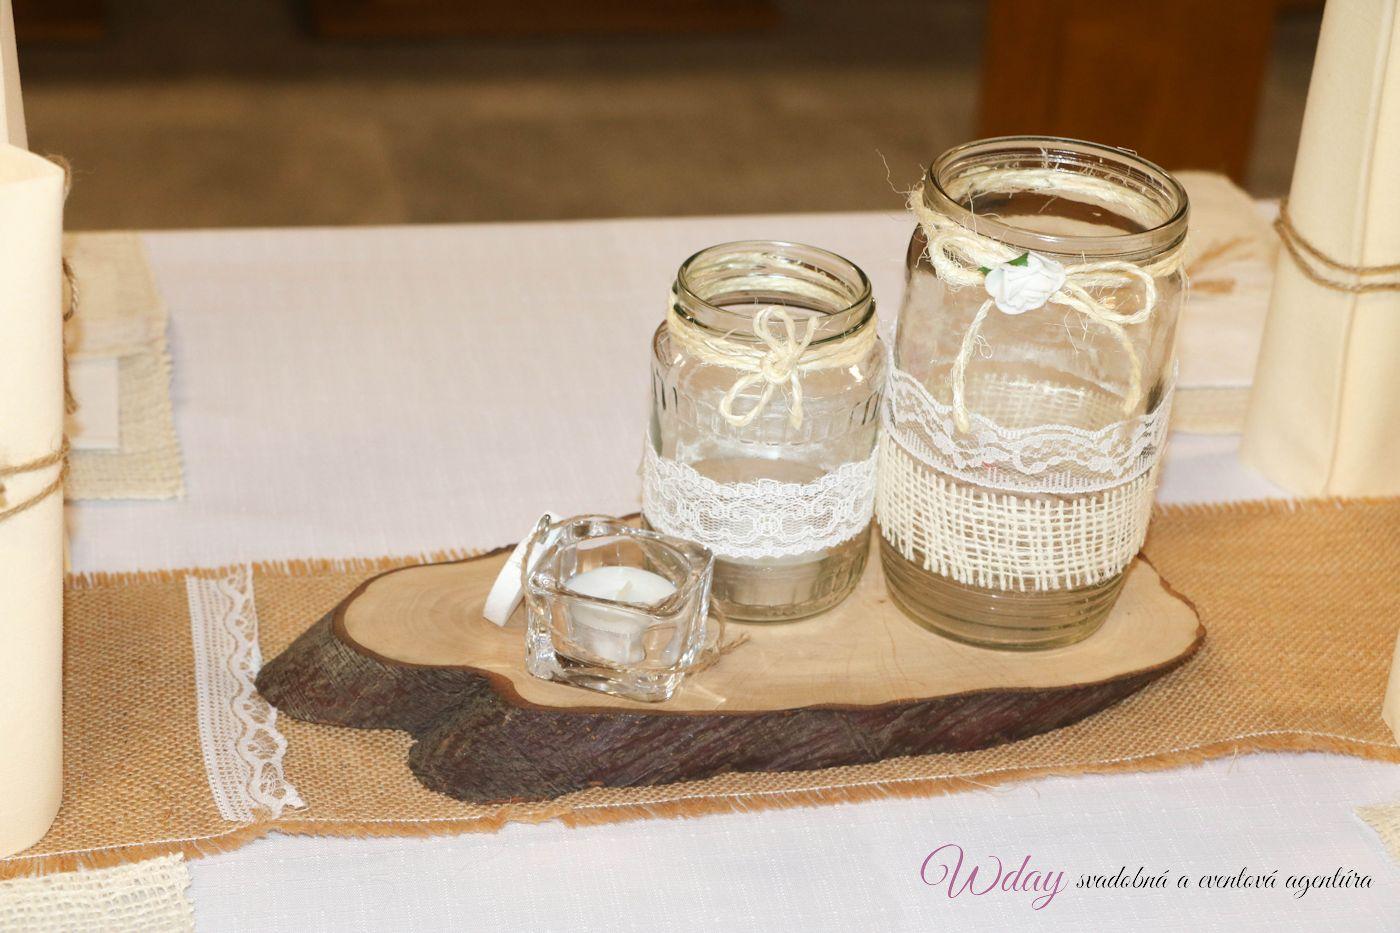 drevený pník - Obrázok č. 1